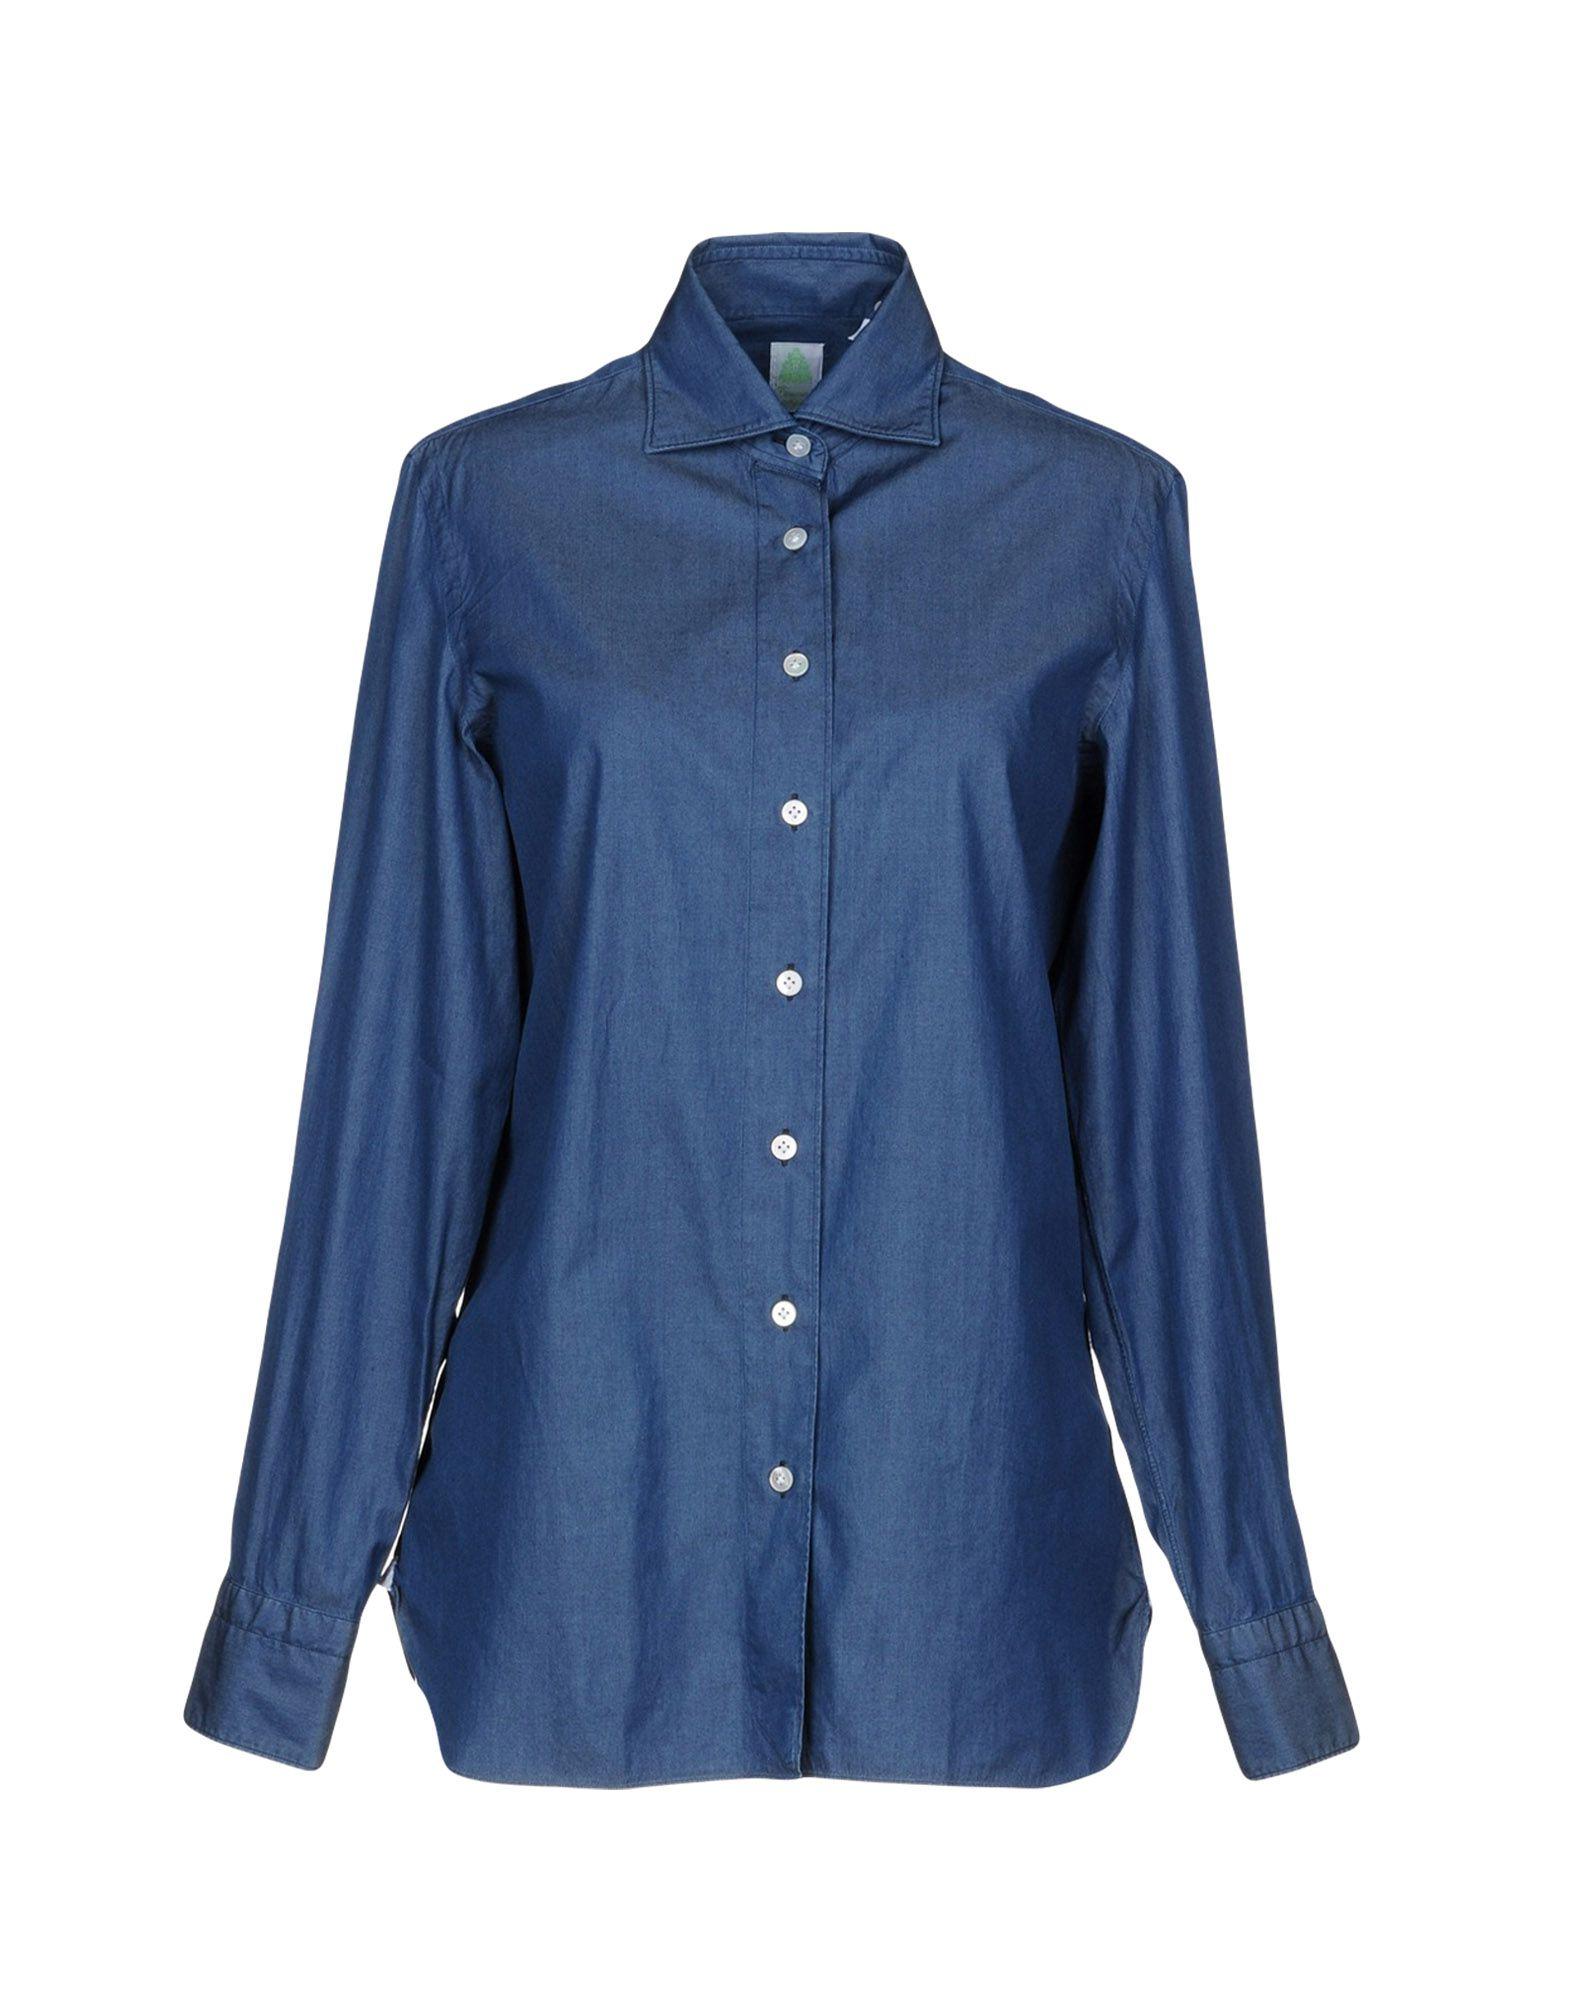 Camicia Jeans Finamore 1925 Donna - Acquista online su CBoaN7di